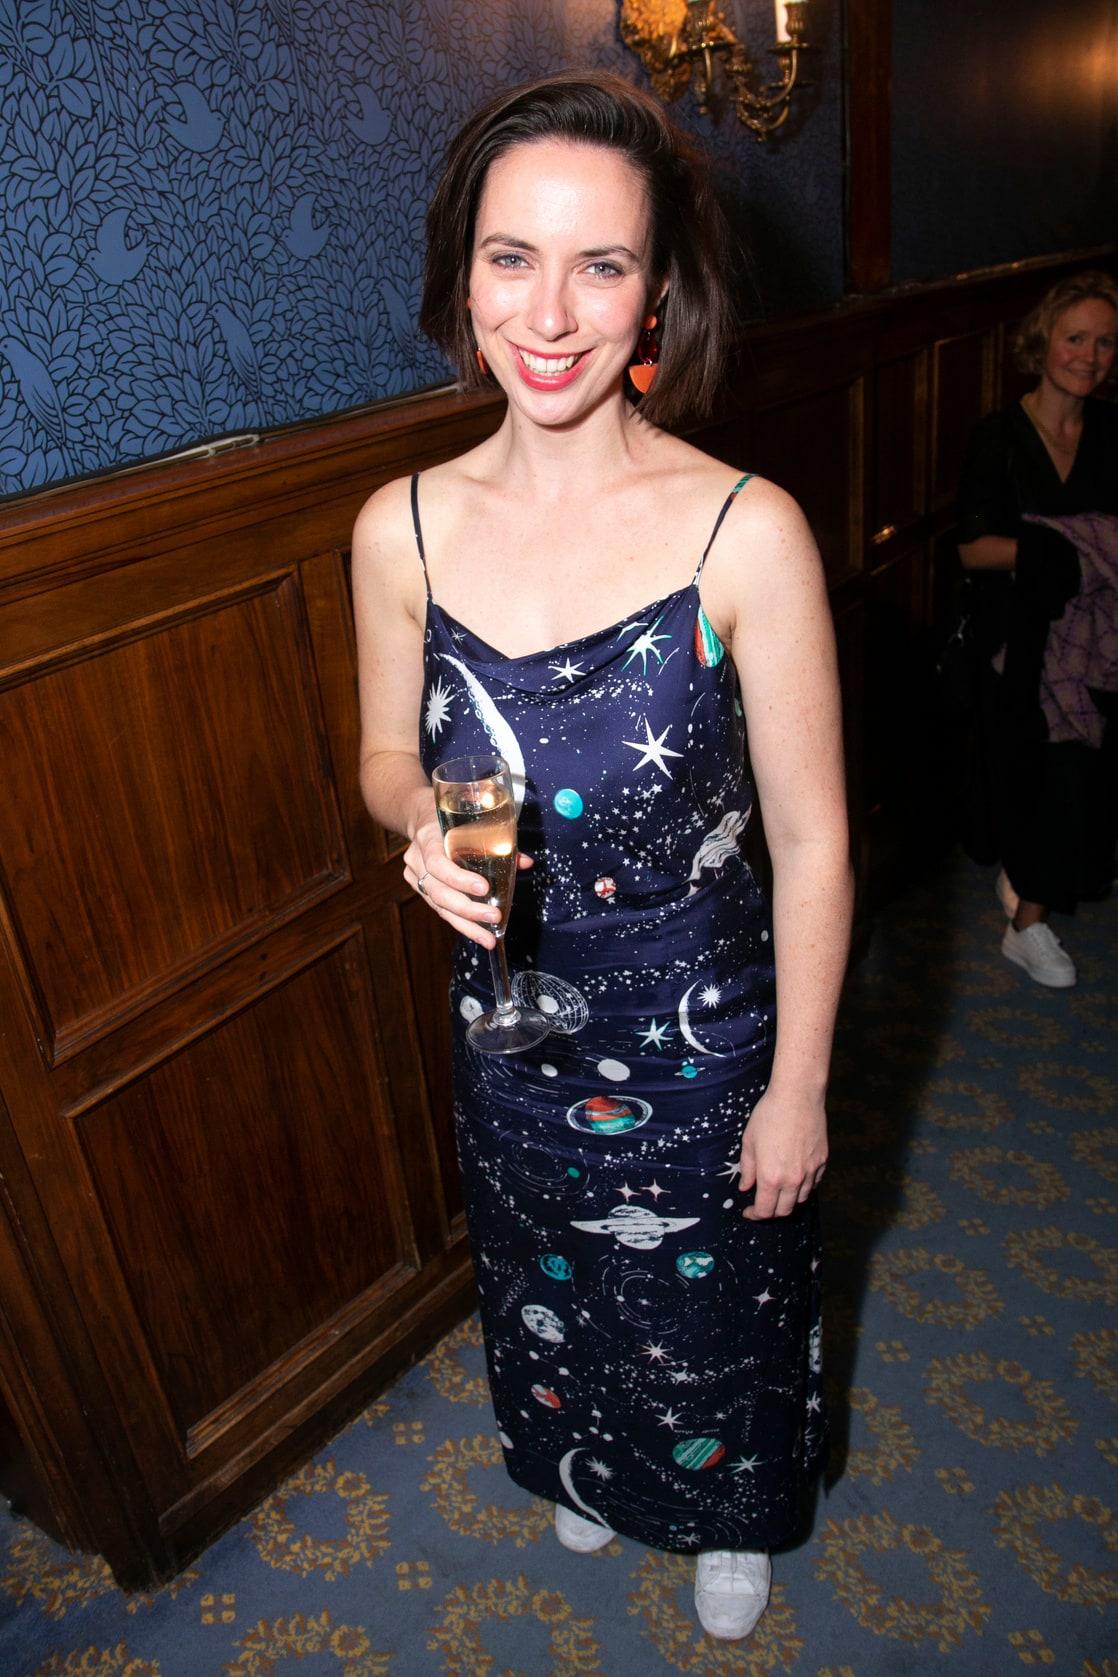 Kate O'Flynn Nude Photos 6